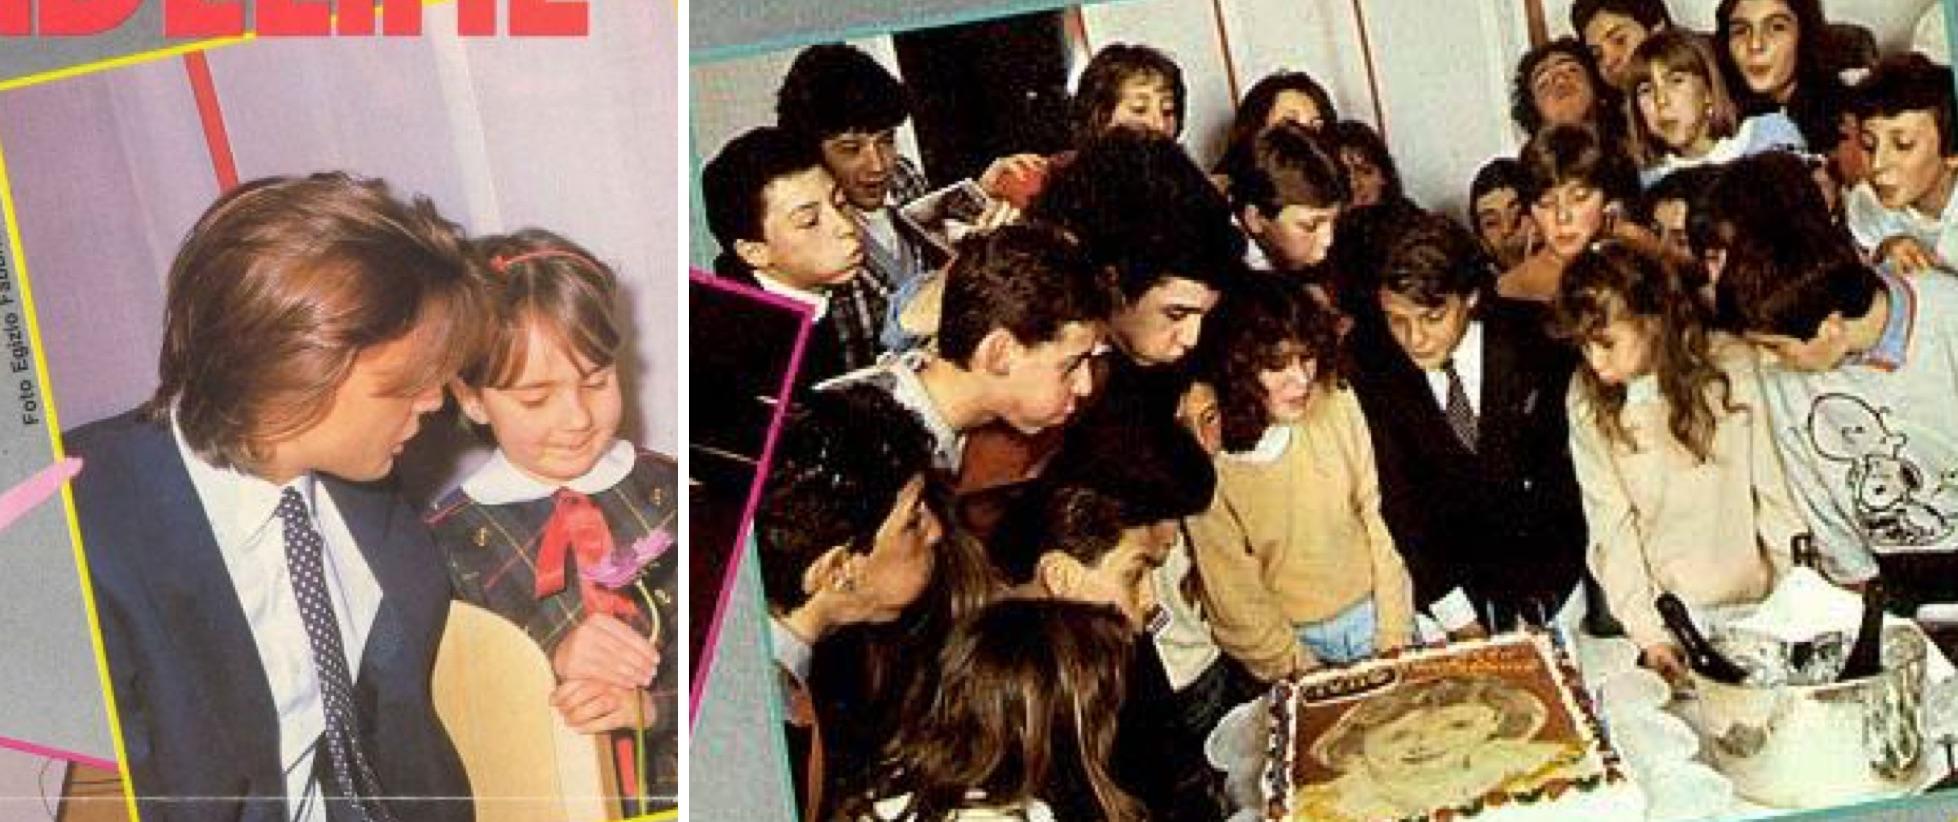 Izq.: Una niña le ofrece una flor a Luis Miguel. Der.: Soplando las velas con sus fans italianos. (Revista Tutto Musica & Spettacolo / LuisMiguelSite.com)